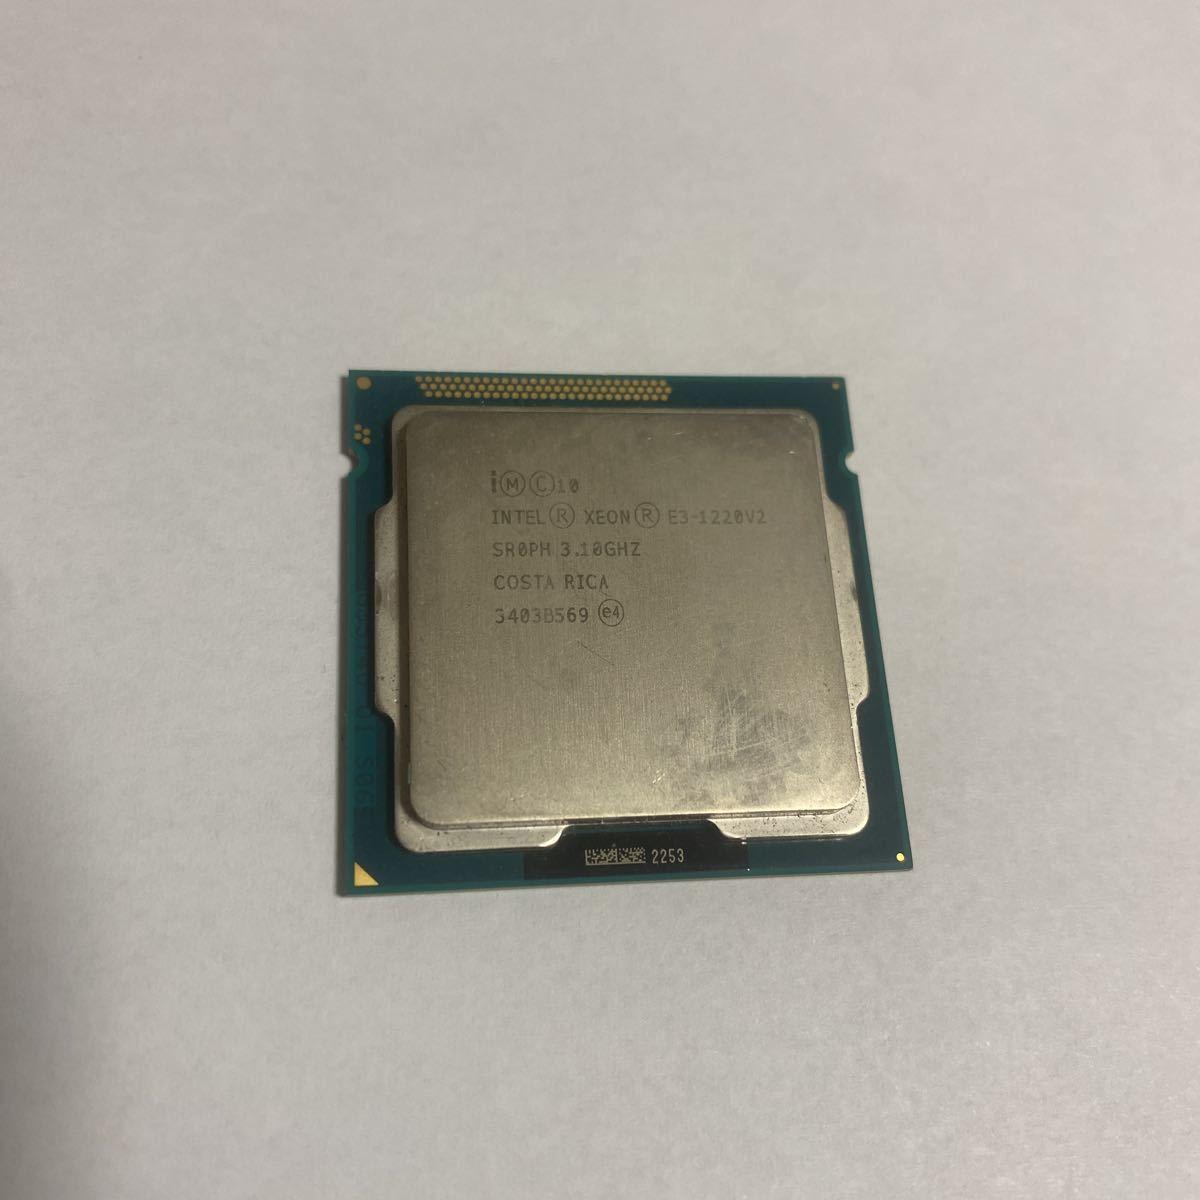 Intel Xeon E3-1220V2_画像1